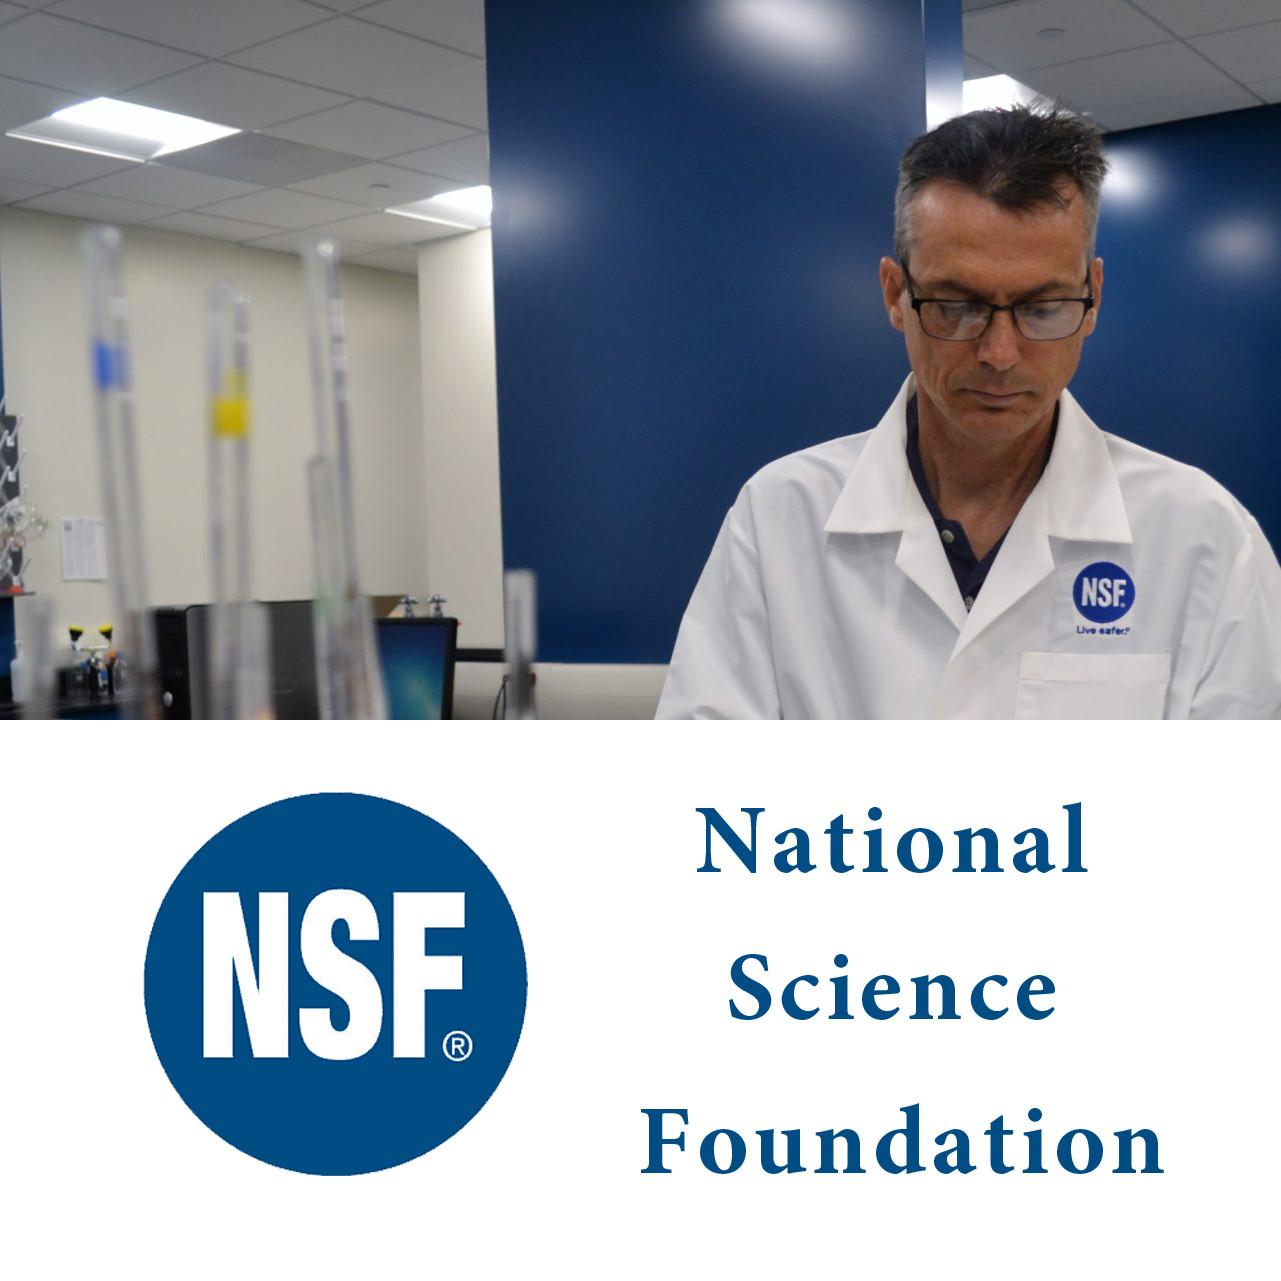 استاندارد NSF چیست و چه کاربردهایی دارد؟